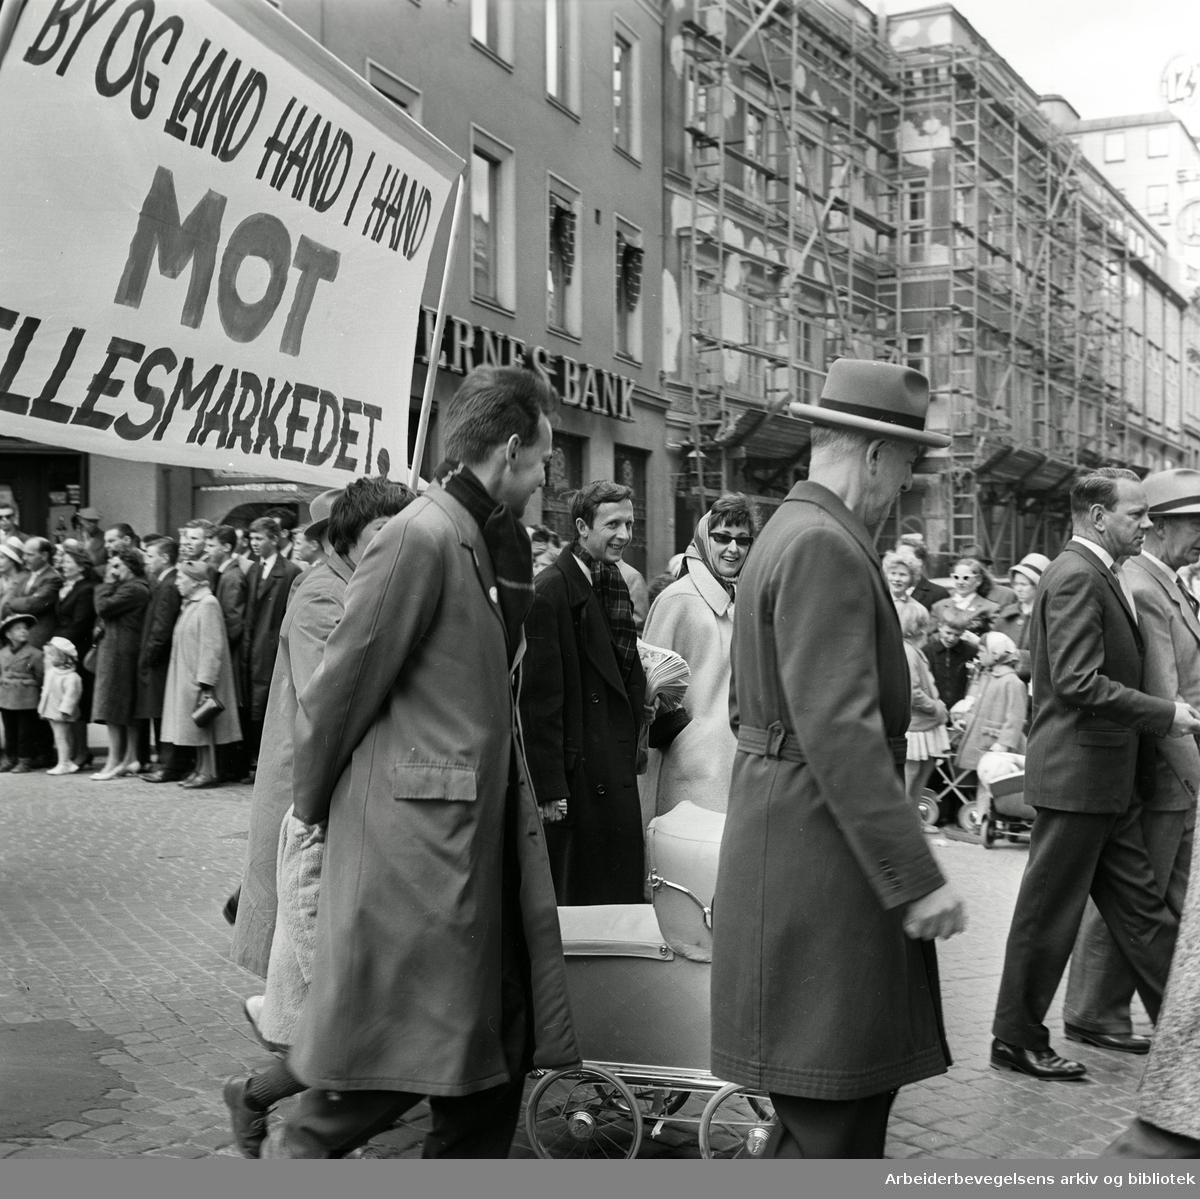 """1. mai 1962 i Oslo.Demonstrasjonstog arrangert av """"Faglig aksjon mot Fellesmarkedet"""" med støtte fra Sosialistisk Folkeparti (SF) og Norges kommunistiske parti (NKP)..Parole: By og land hand i hand mot fellesmarkedet."""